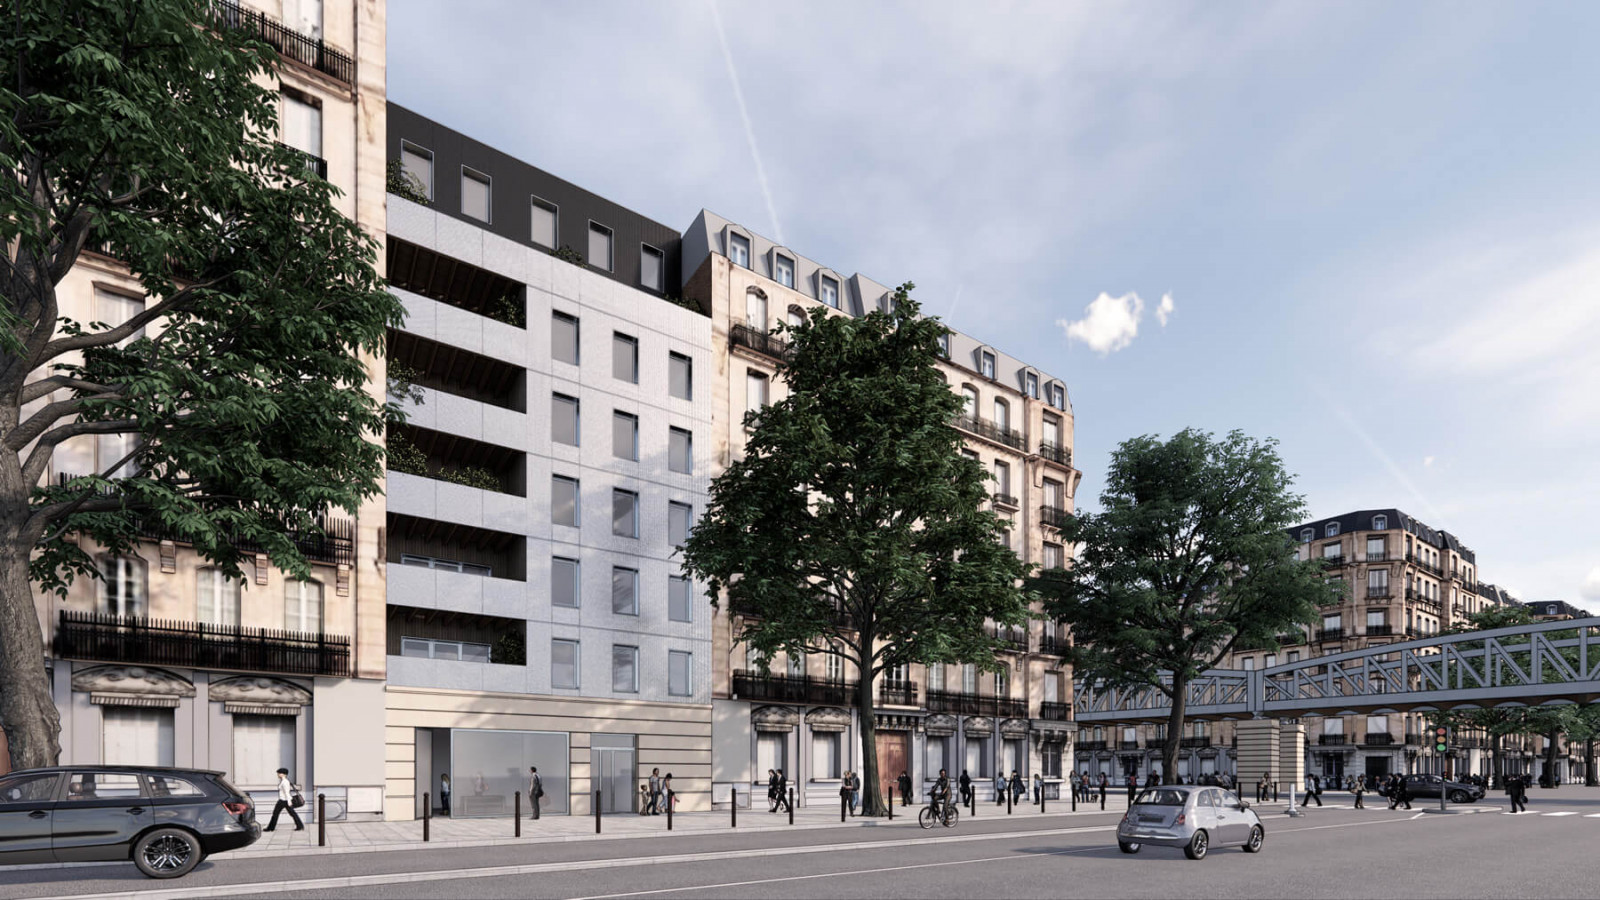 graam-barbes-01-logements-exterieur-rue-facade-metro